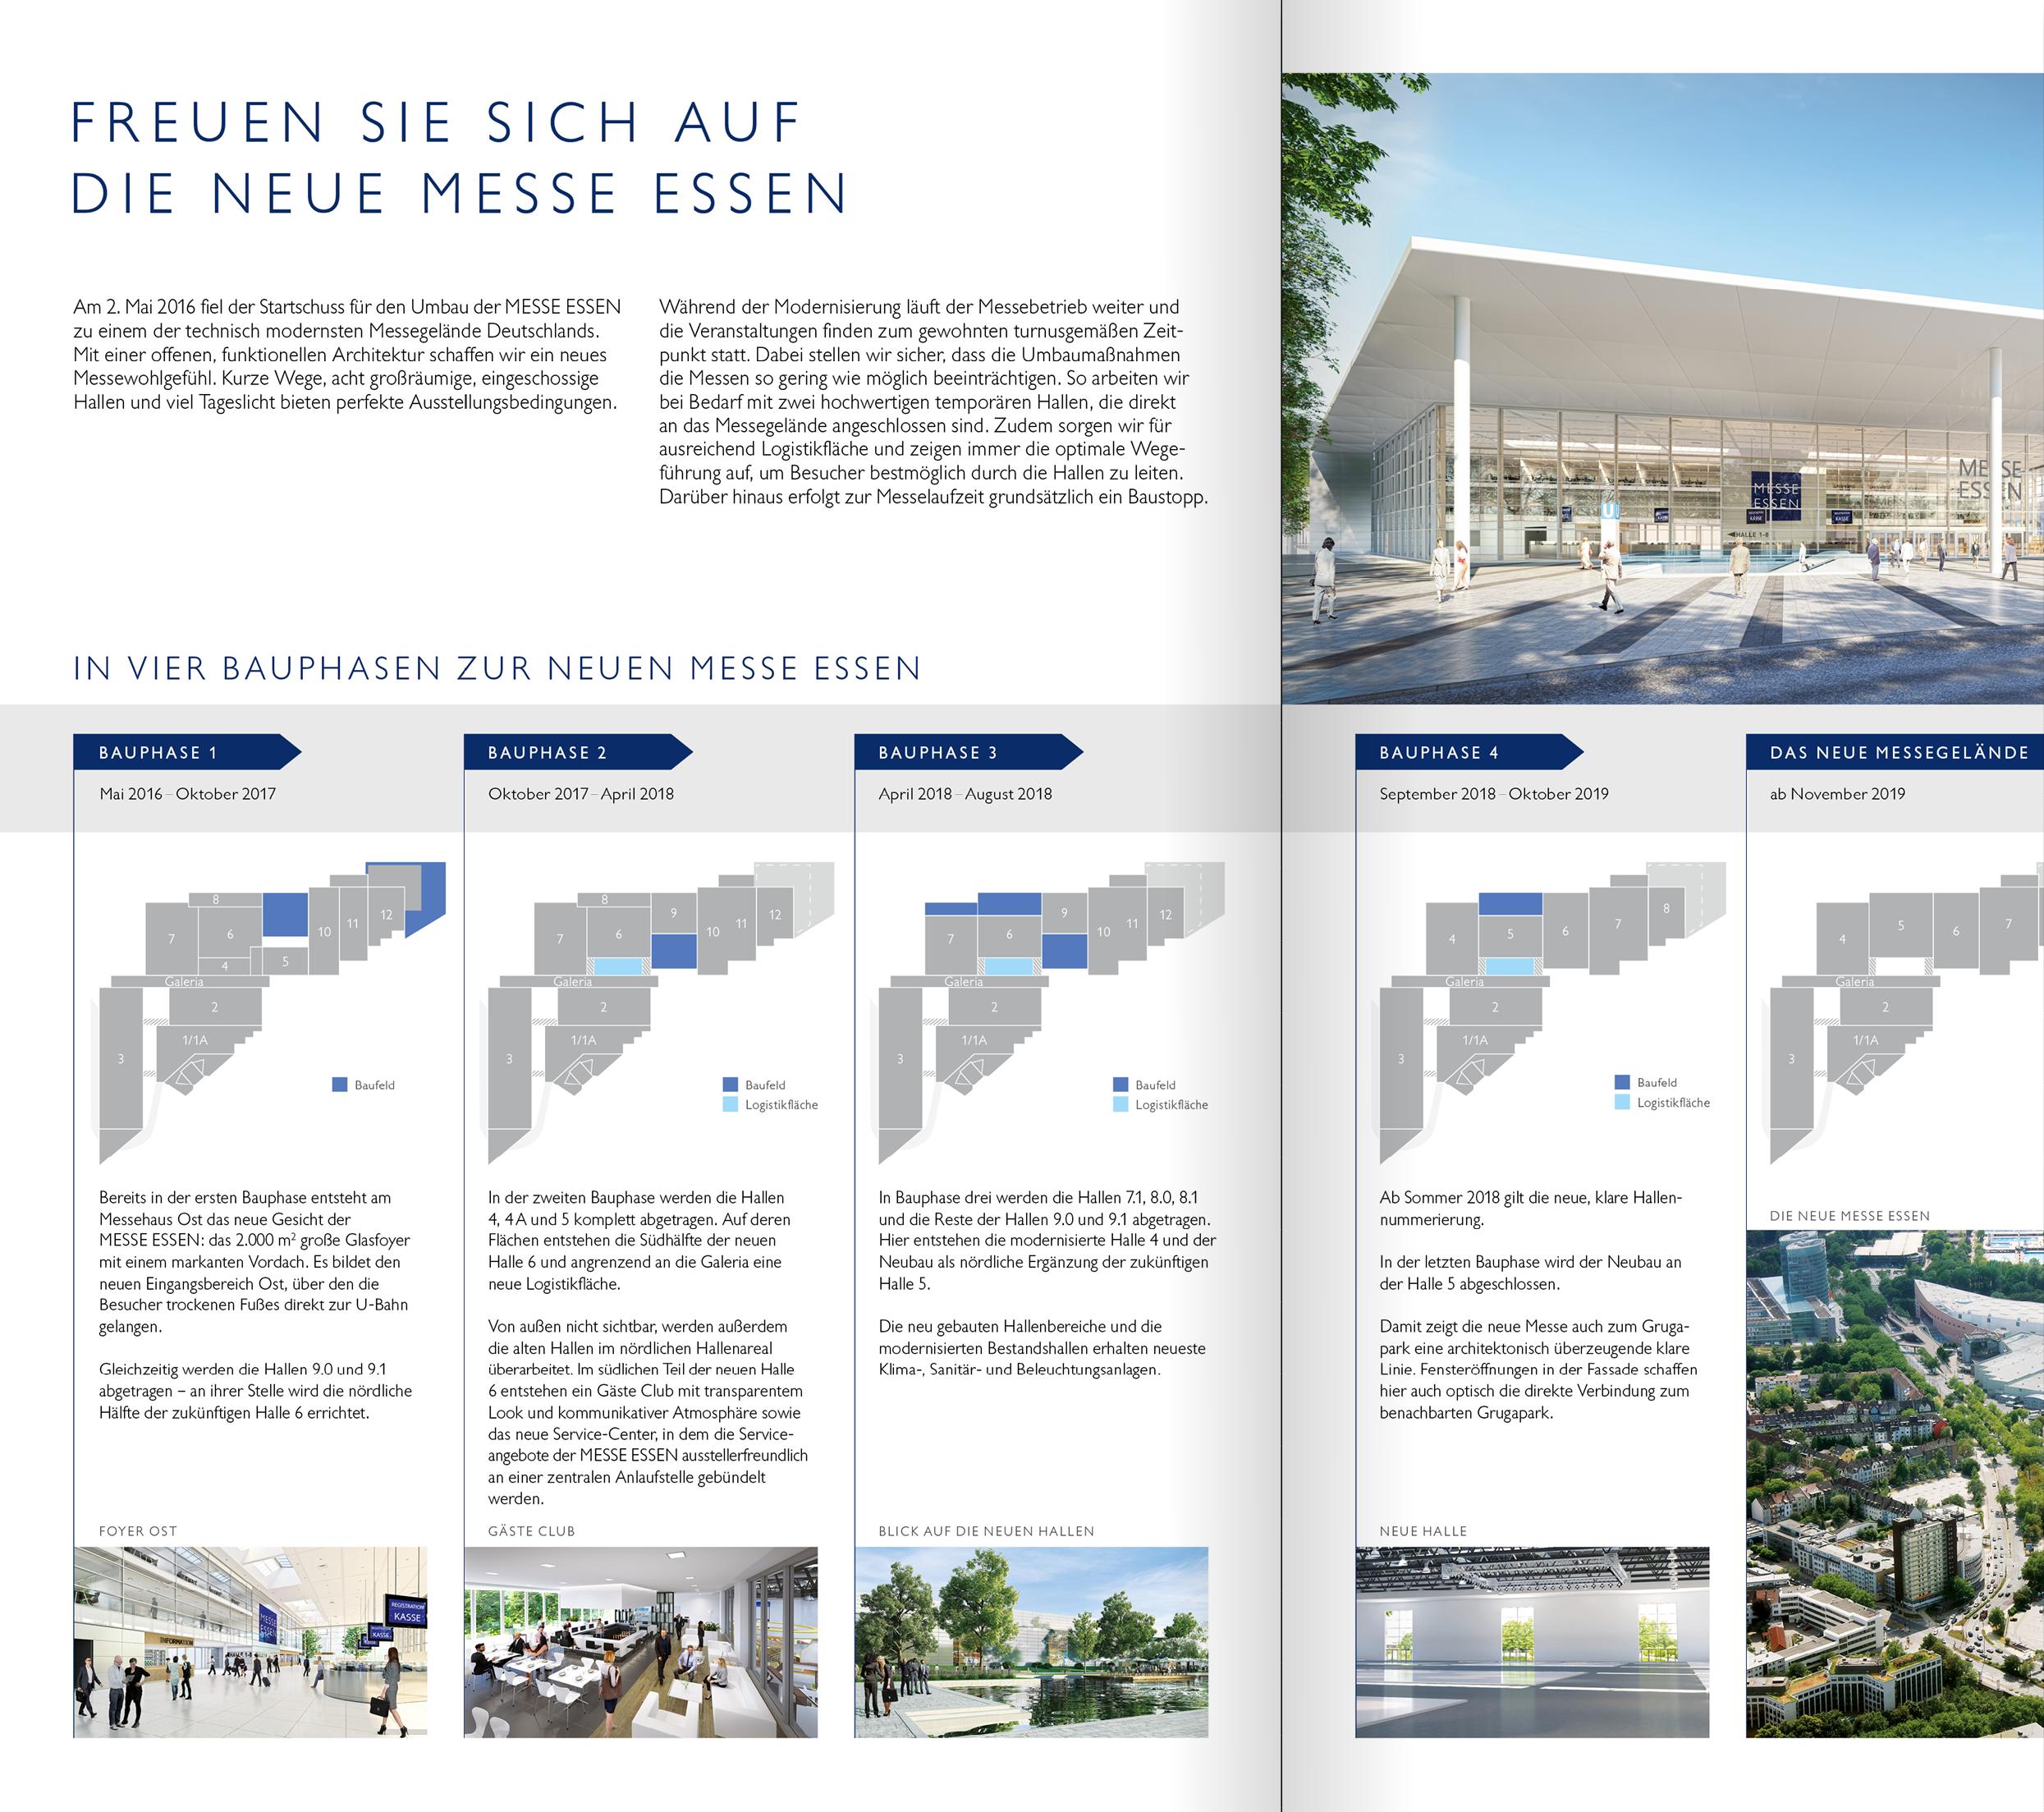 Geländebroschüre für die Kommunikationskampagne des Modernisierungsprojektes der Messe Essen